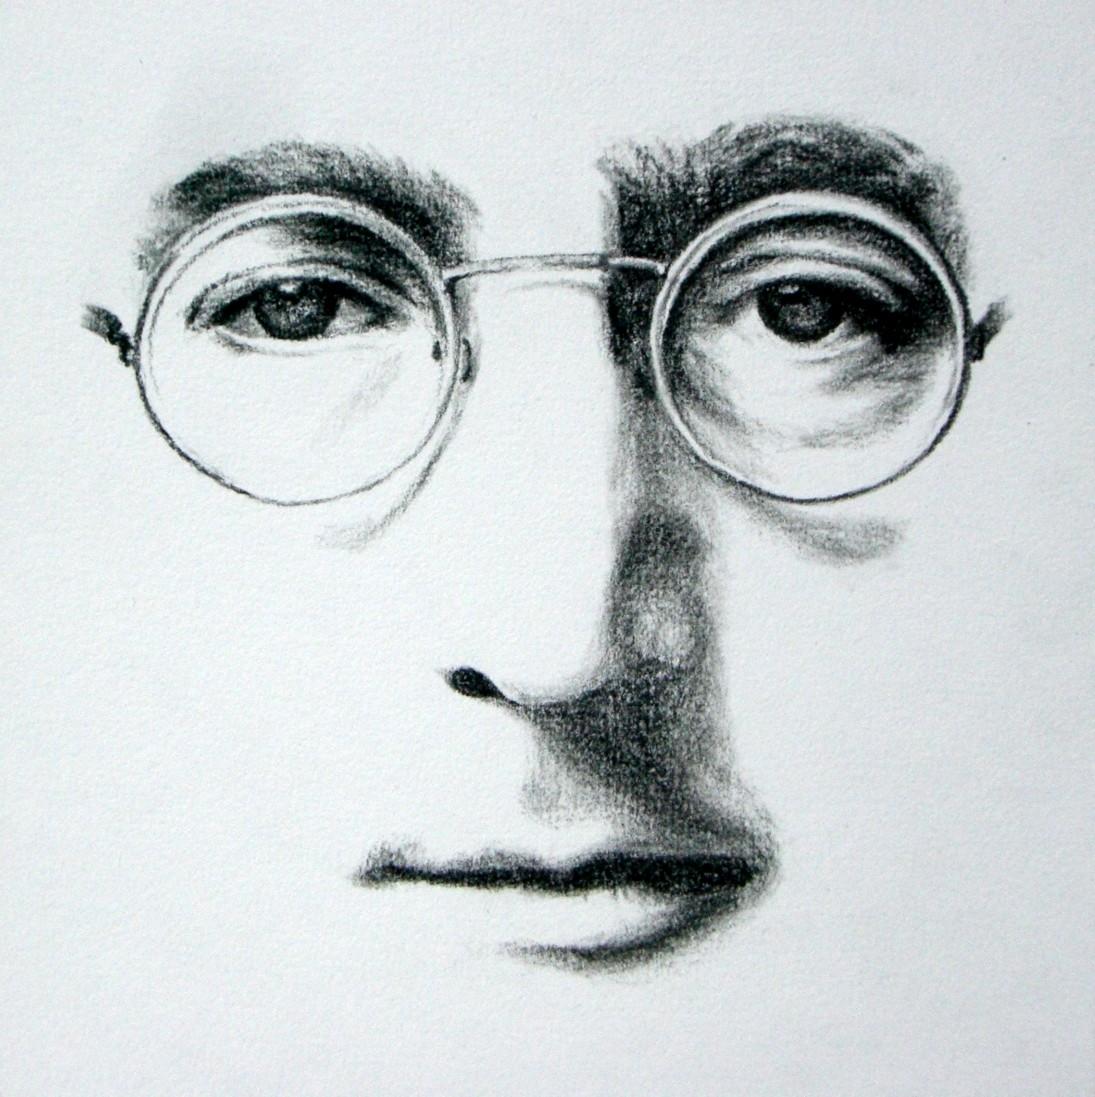 https://i2.wp.com/www.mcrfb.com/wp-content/uploads/2012/12/John-Lennon-in-sketch-by-Julianaa27.jpg